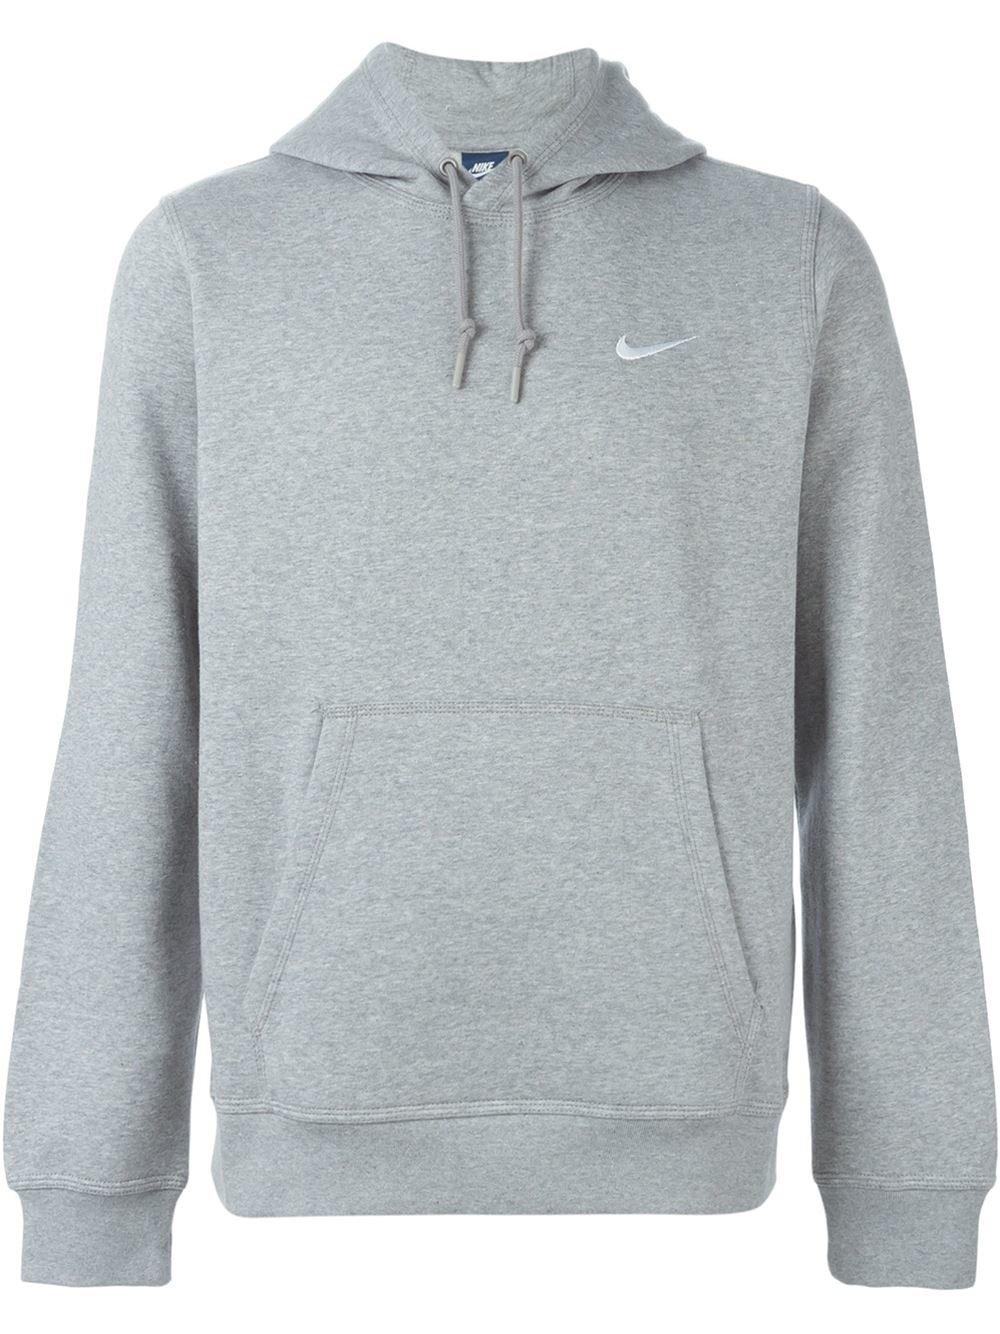 gray nike pullover hoodie